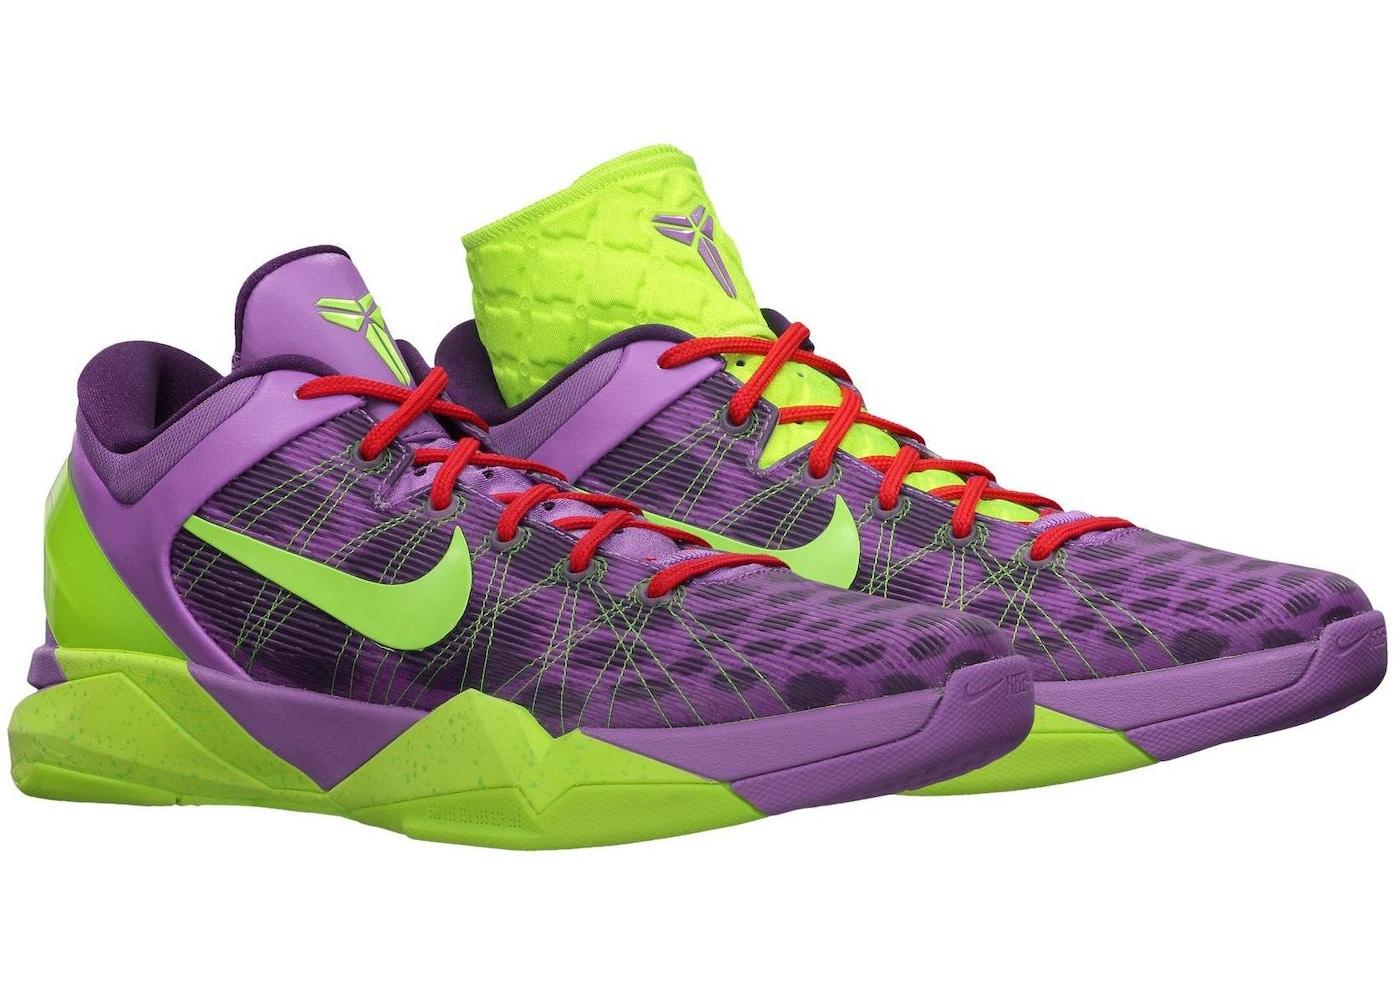 f1f68f0749e8 Buy Nike Kobe 7 Shoes   Deadstock Sneakers